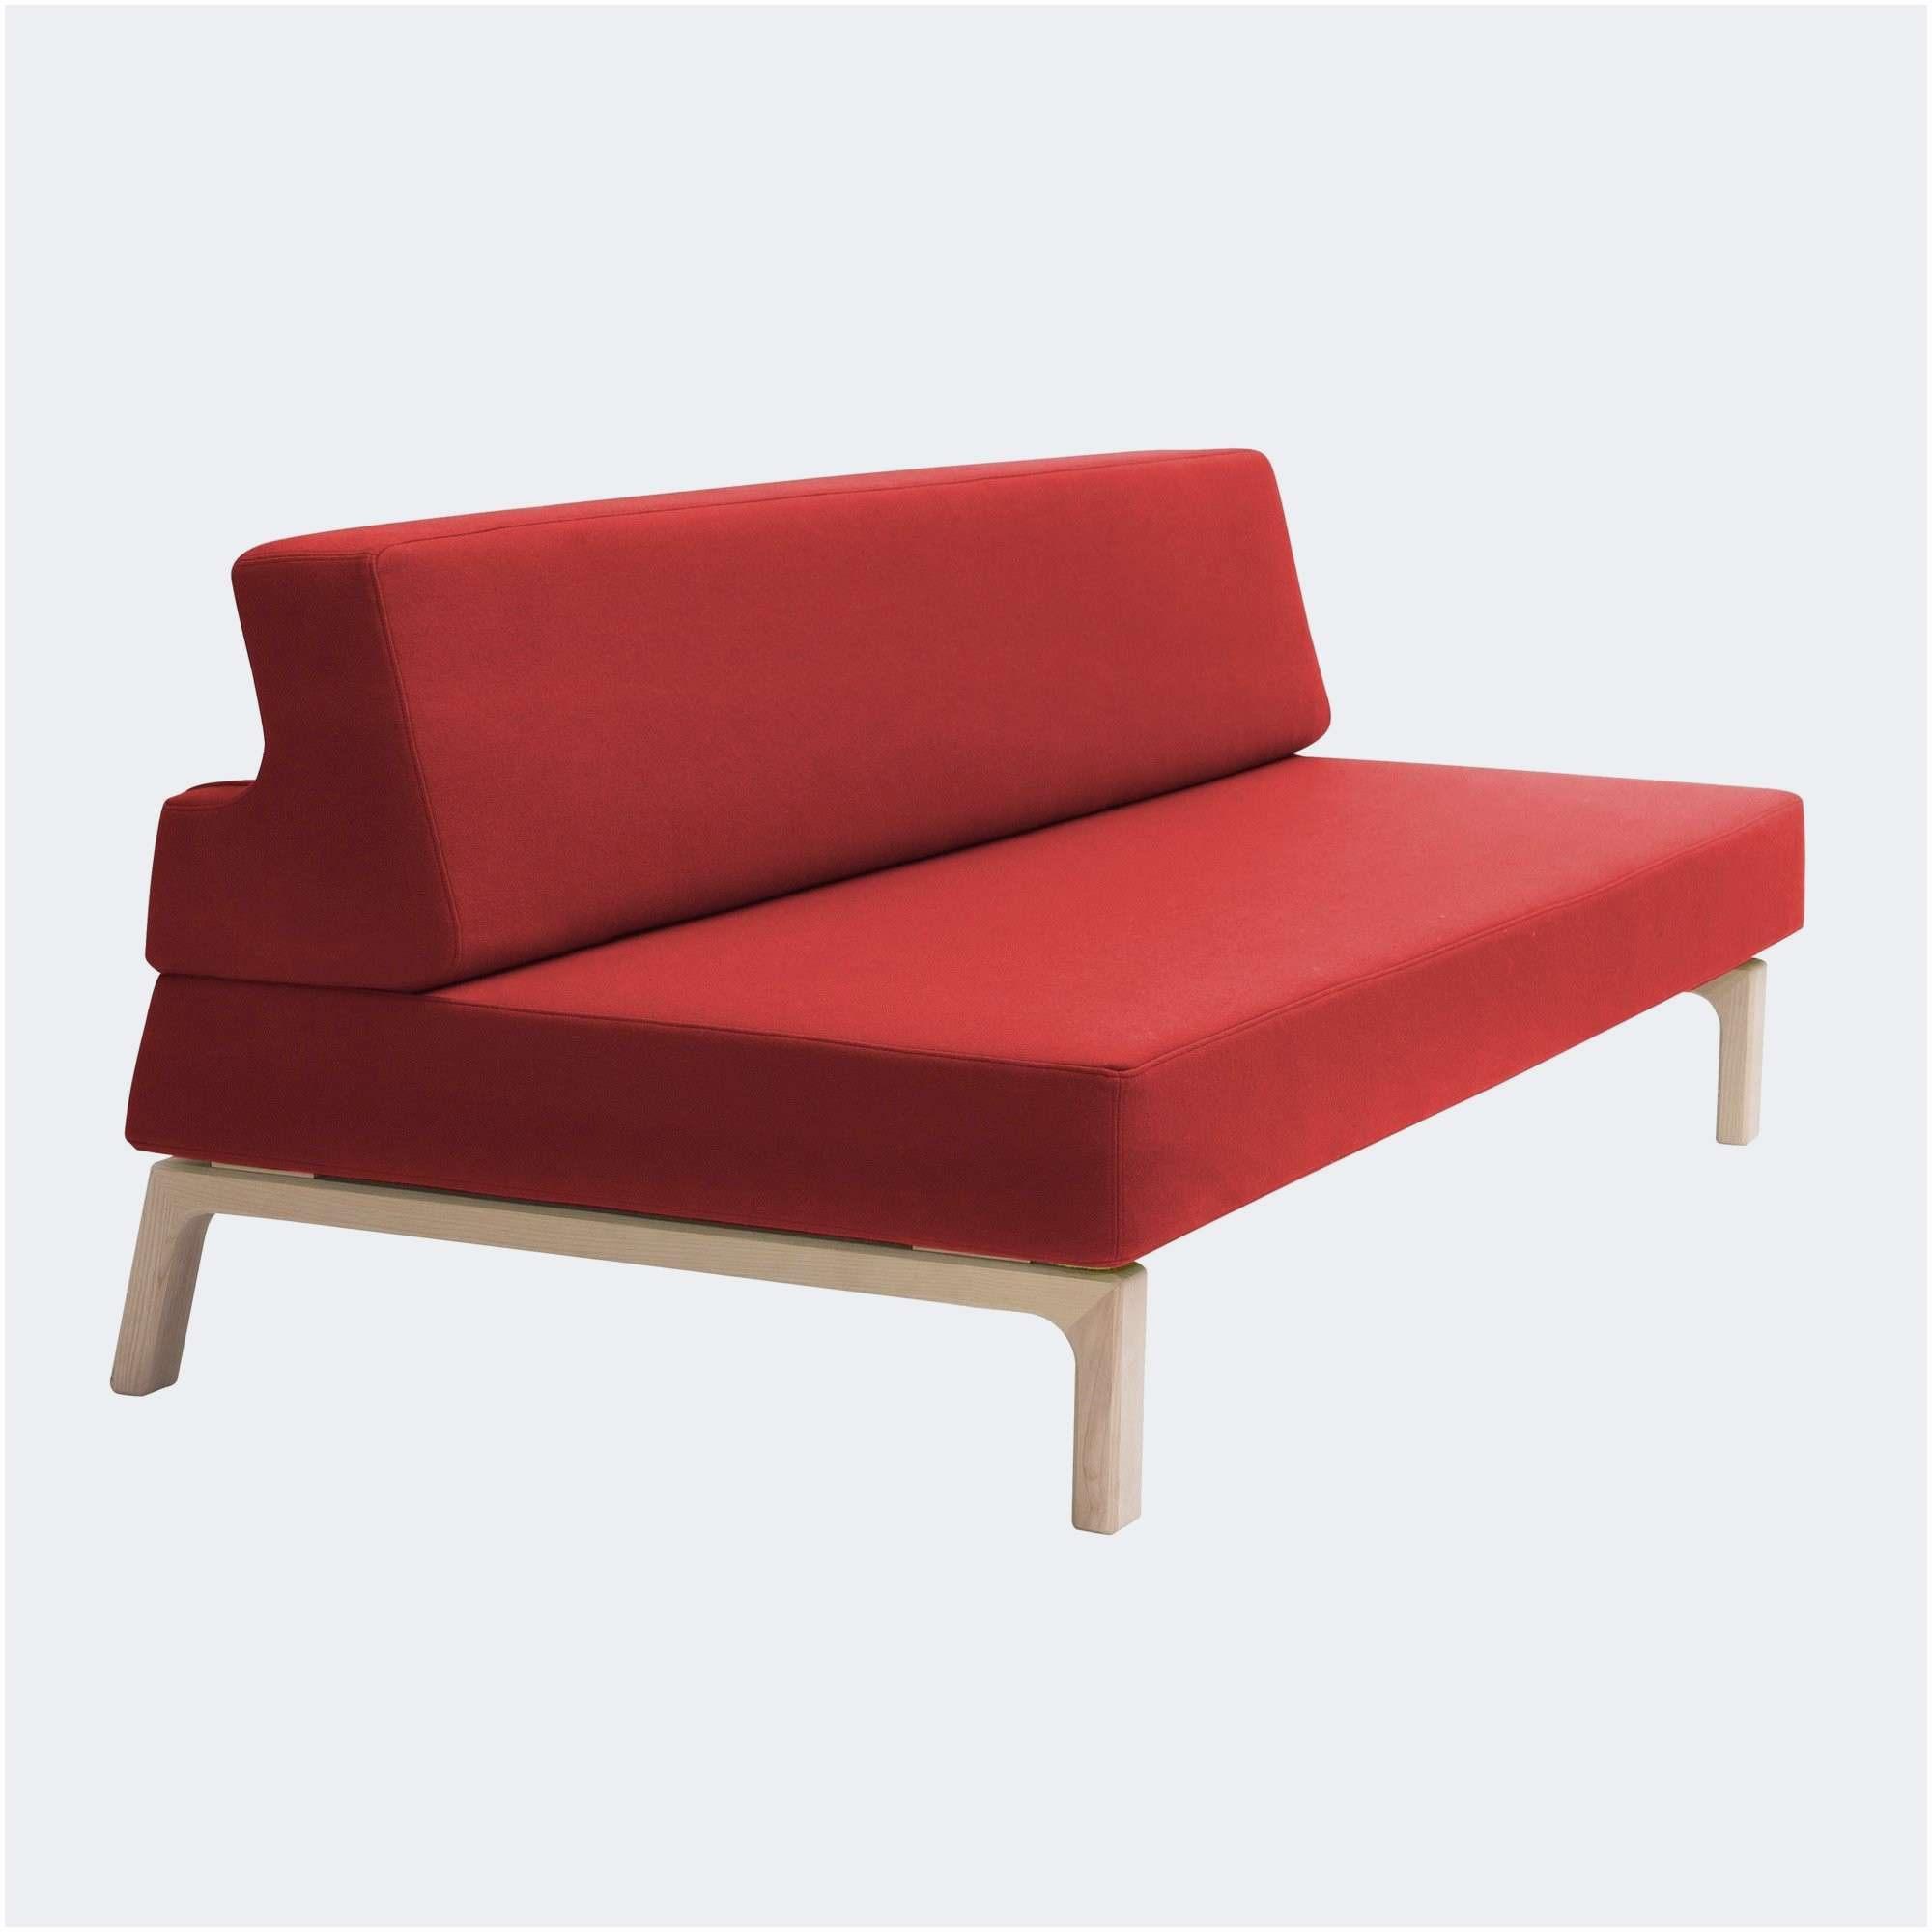 Lit Superposé 3 Places Ikea Luxe Nouveau Canapé 2 Angles Canap Lit Rouge 3 C3 A9 Design Tgm872 ton